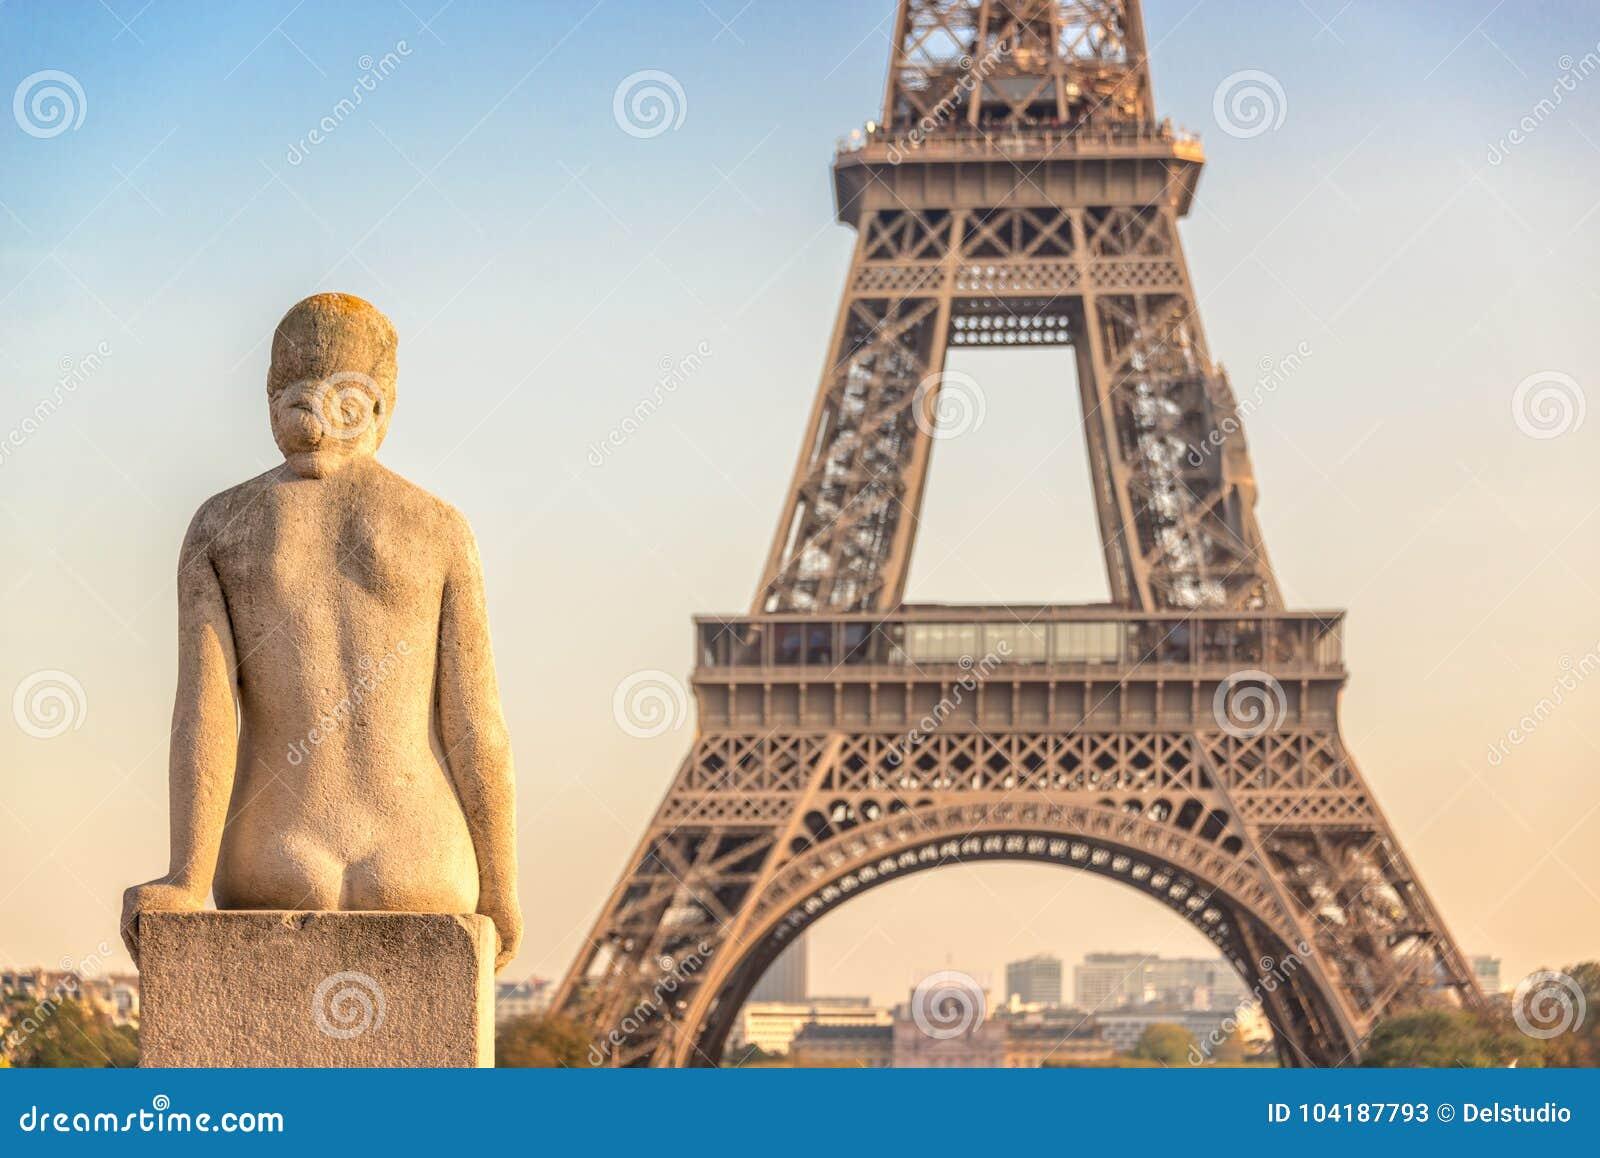 Estátua de pedra no jardim de Trocadero, torre Eiffel da mulher, Paris França